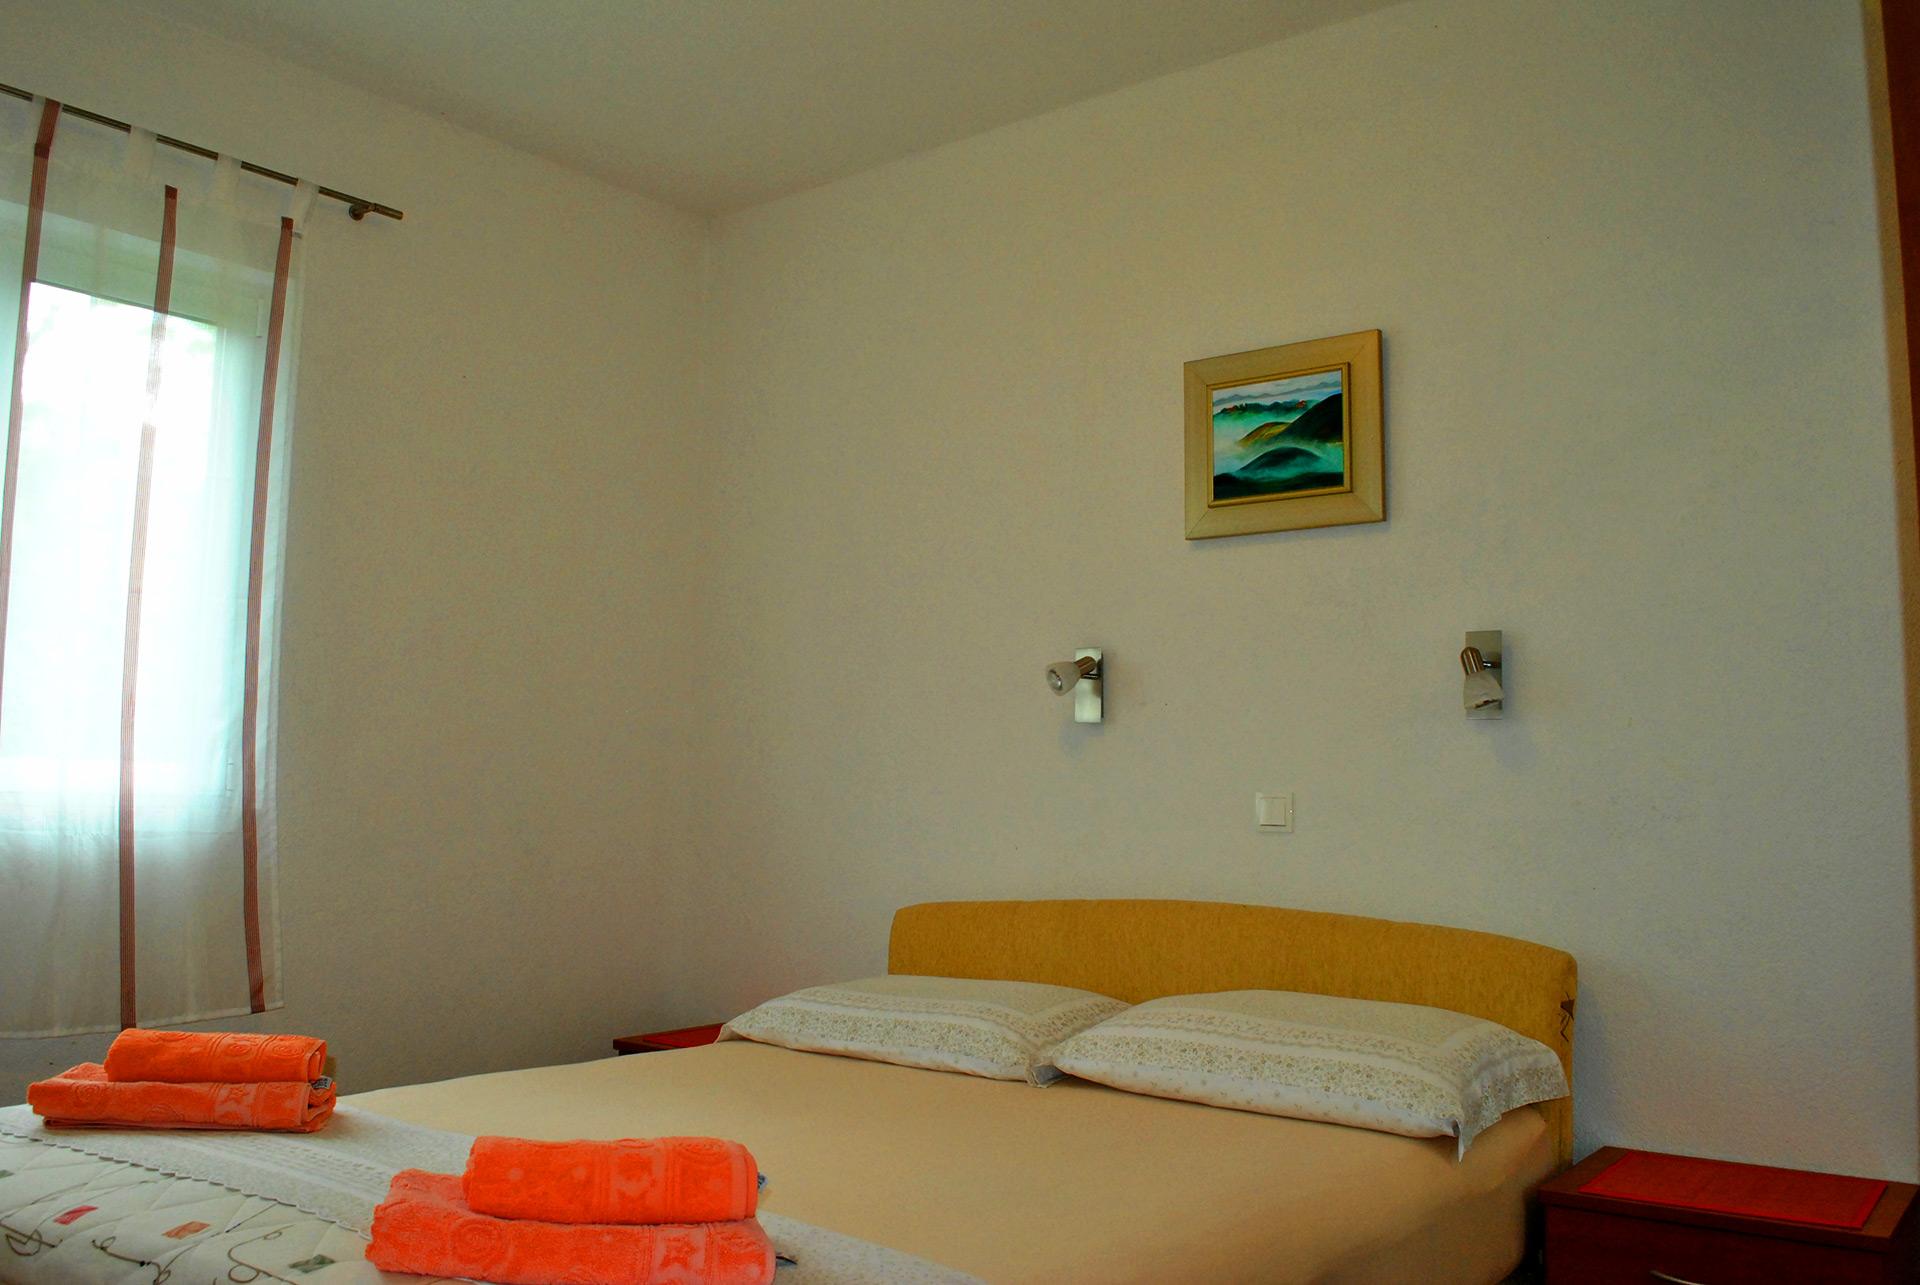 apartmenta1-room3